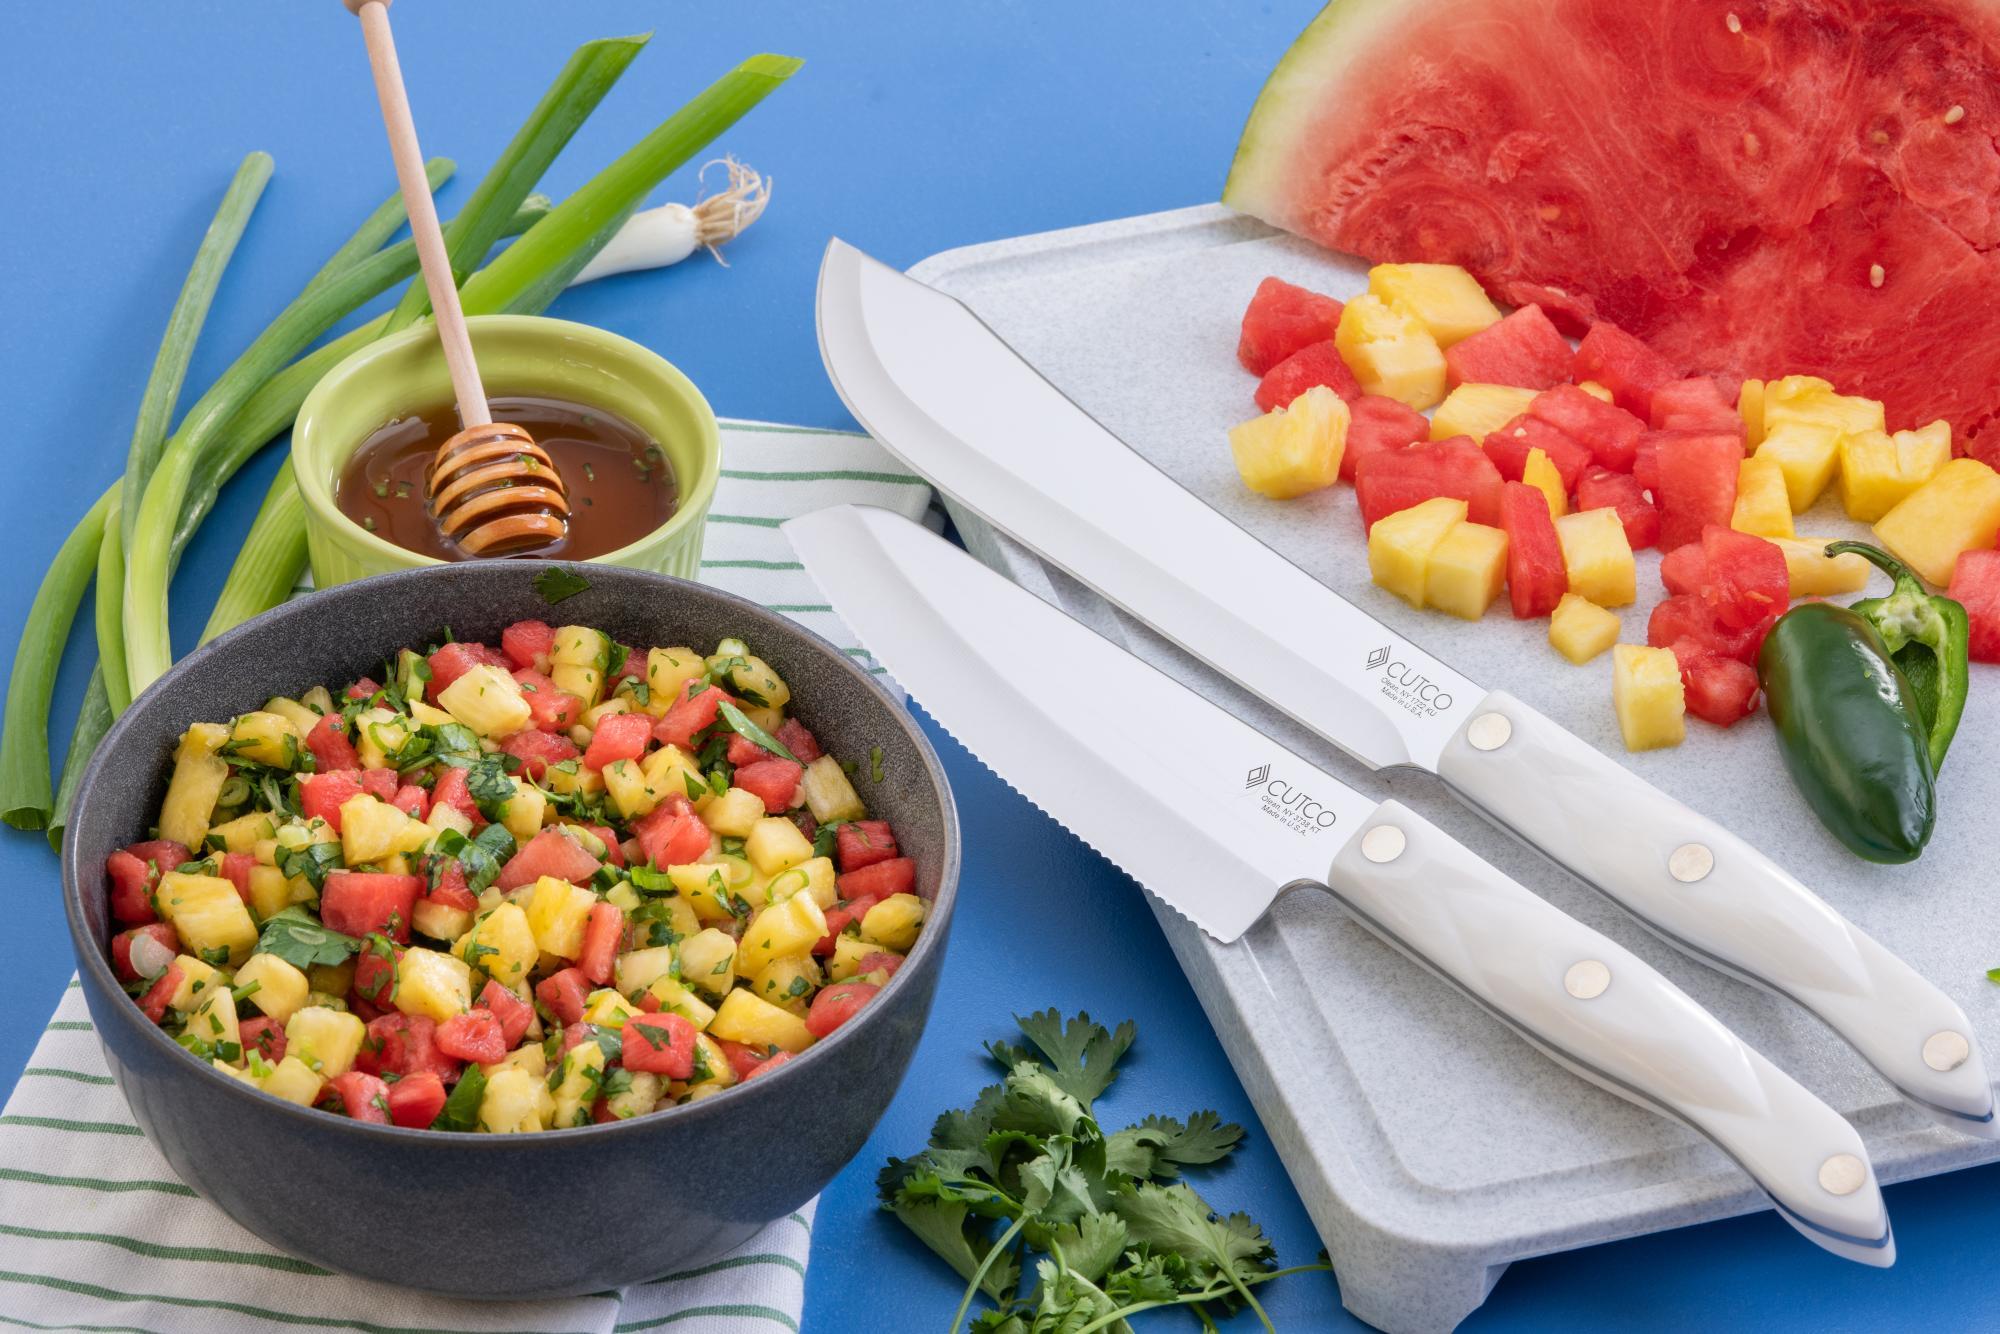 Watermelon Pineapple and Cilantro Salsa